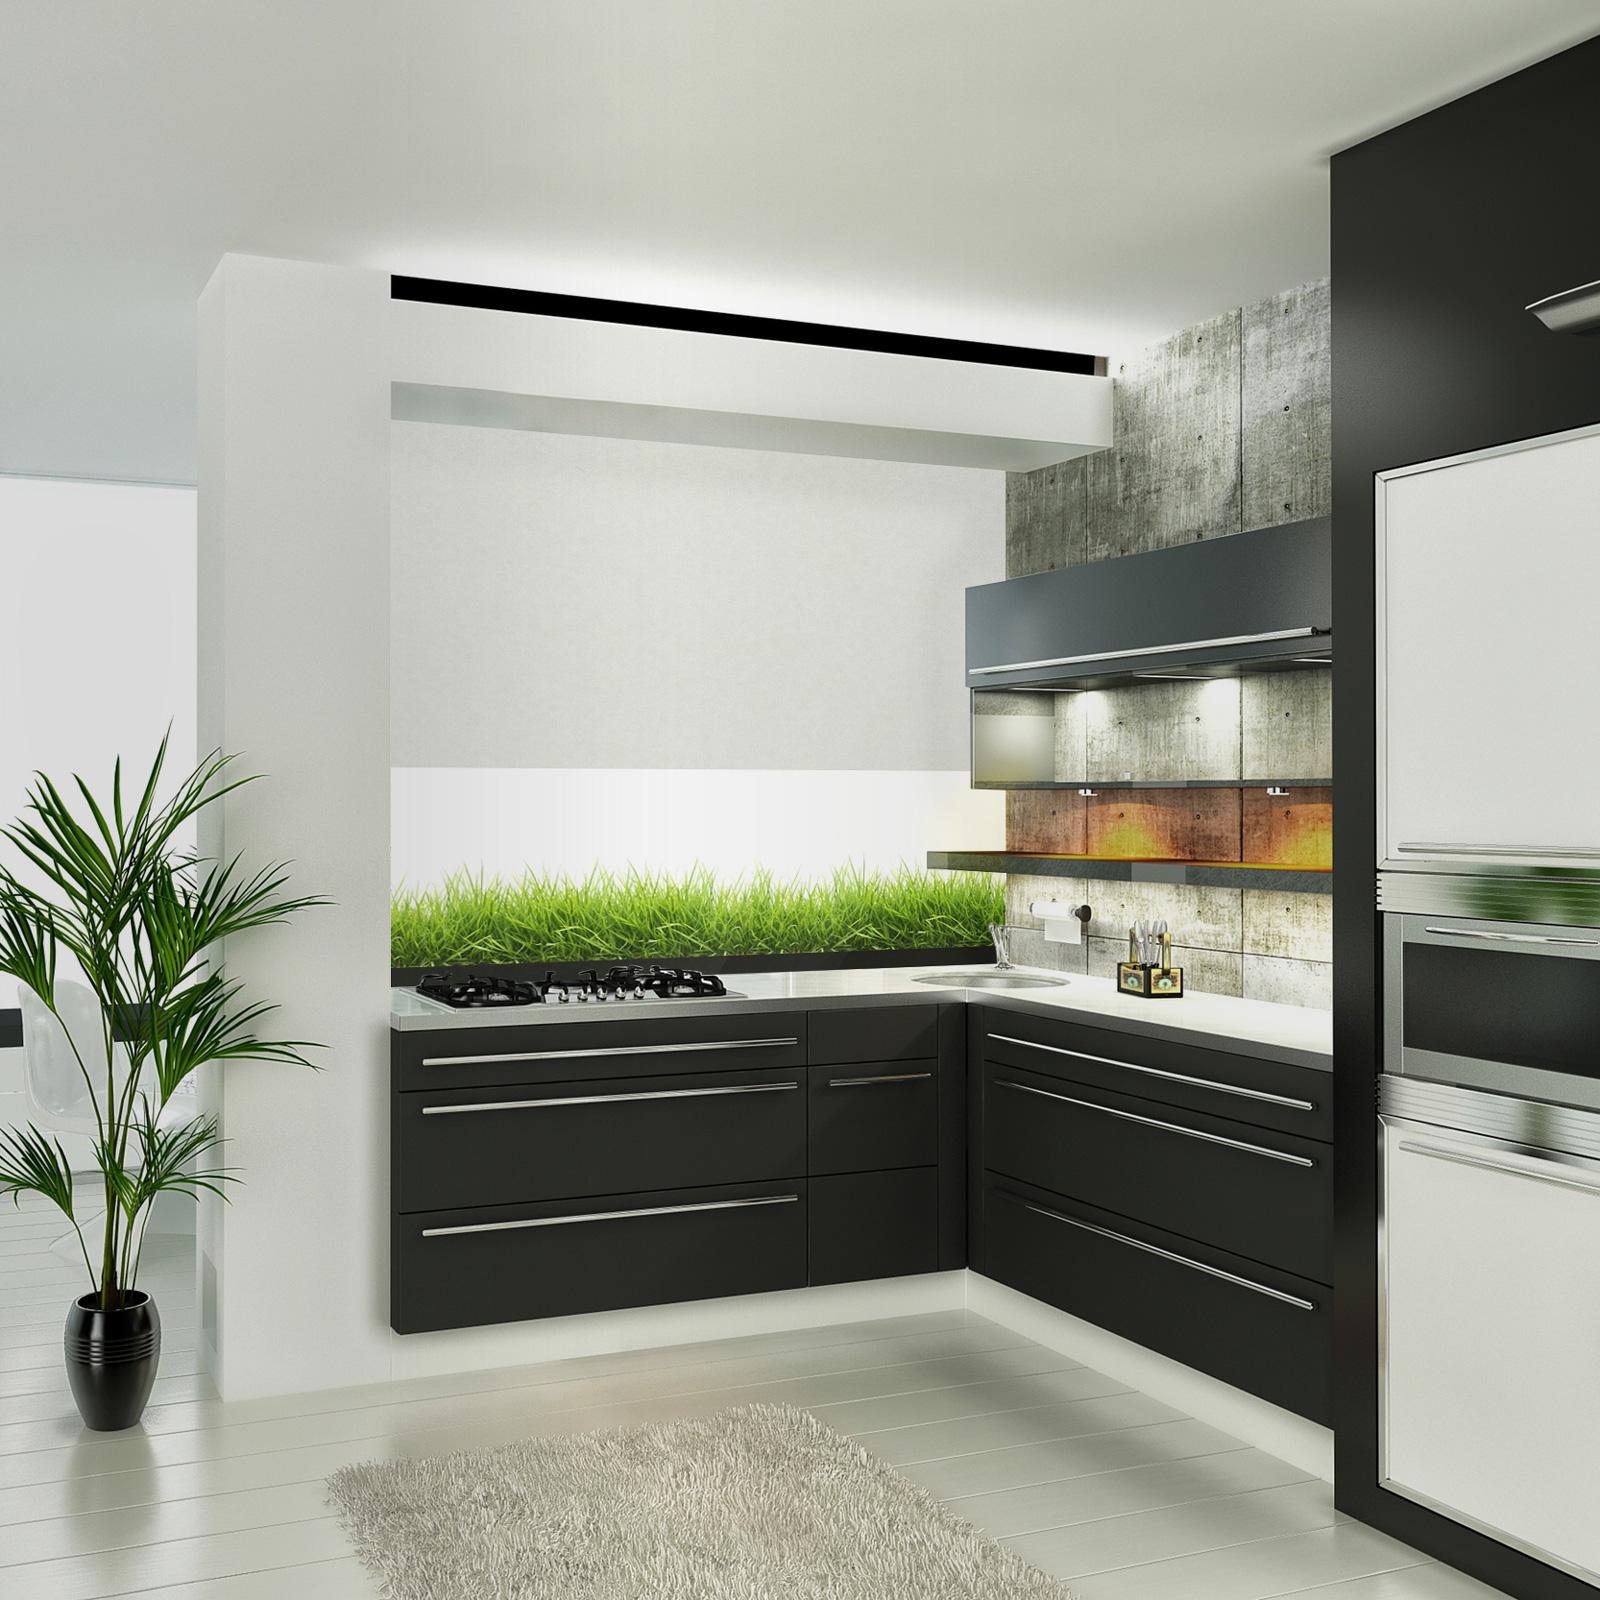 glasbild gras. Black Bedroom Furniture Sets. Home Design Ideas